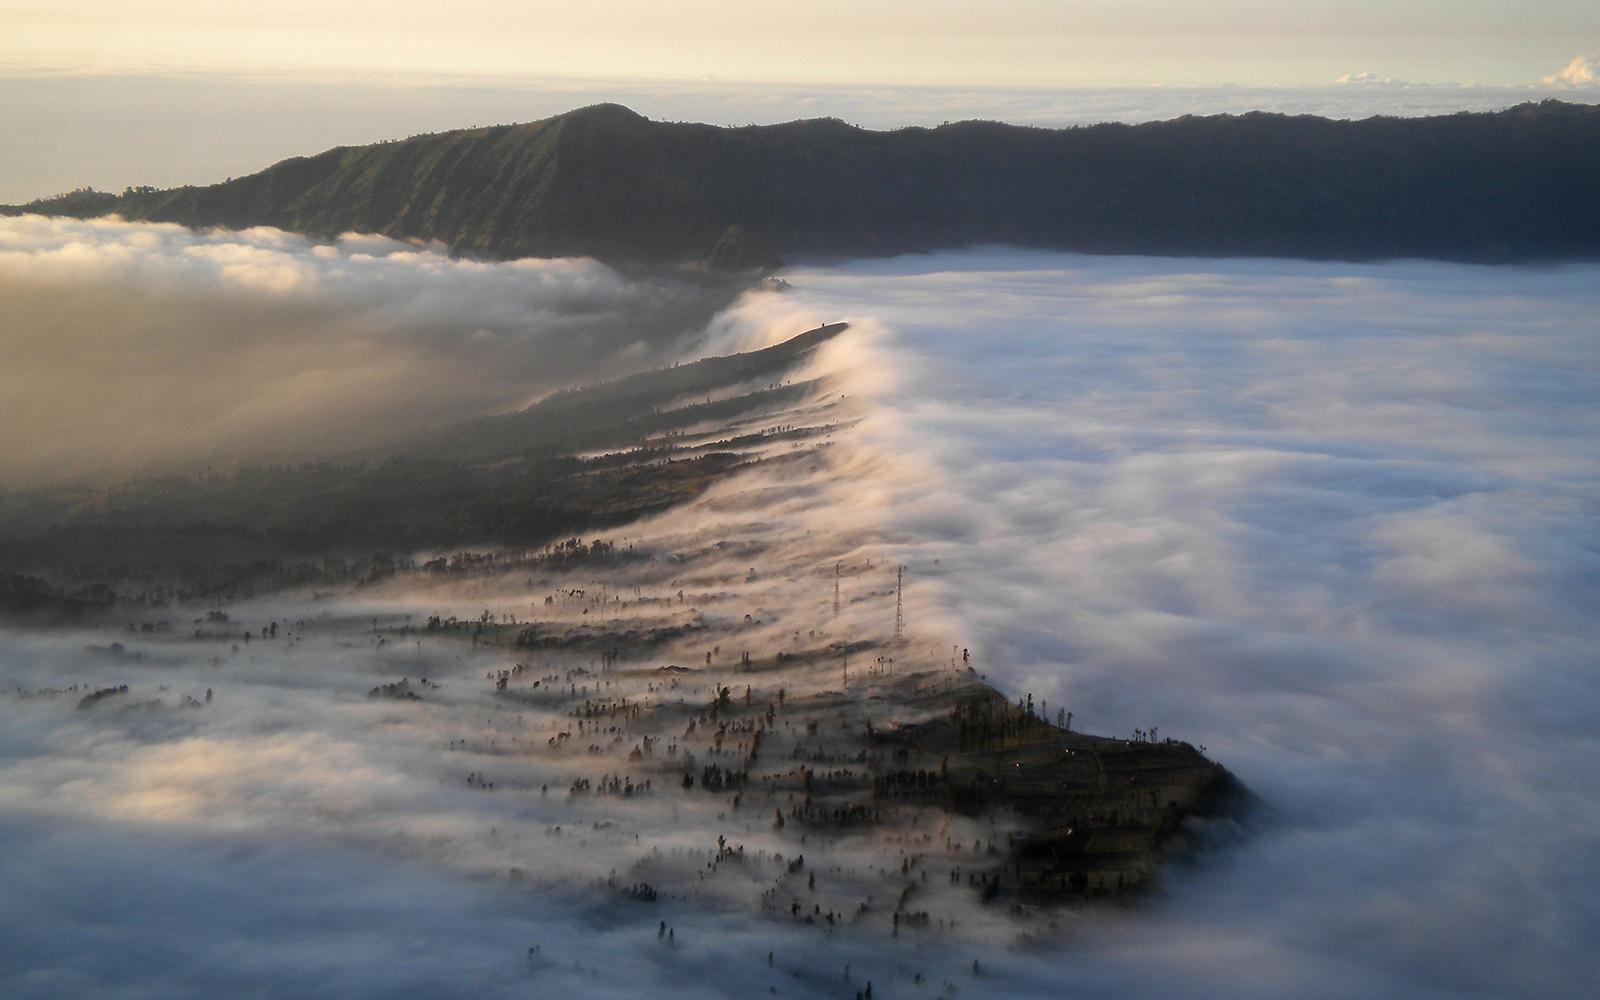 Foto: Das absolute Highlight: der Sonnenaufgang über den Wolken mit Blick auf die Vulkane Bromo und Semeru ... Fotografiert von railmen-Lokführer Steffen Mann.